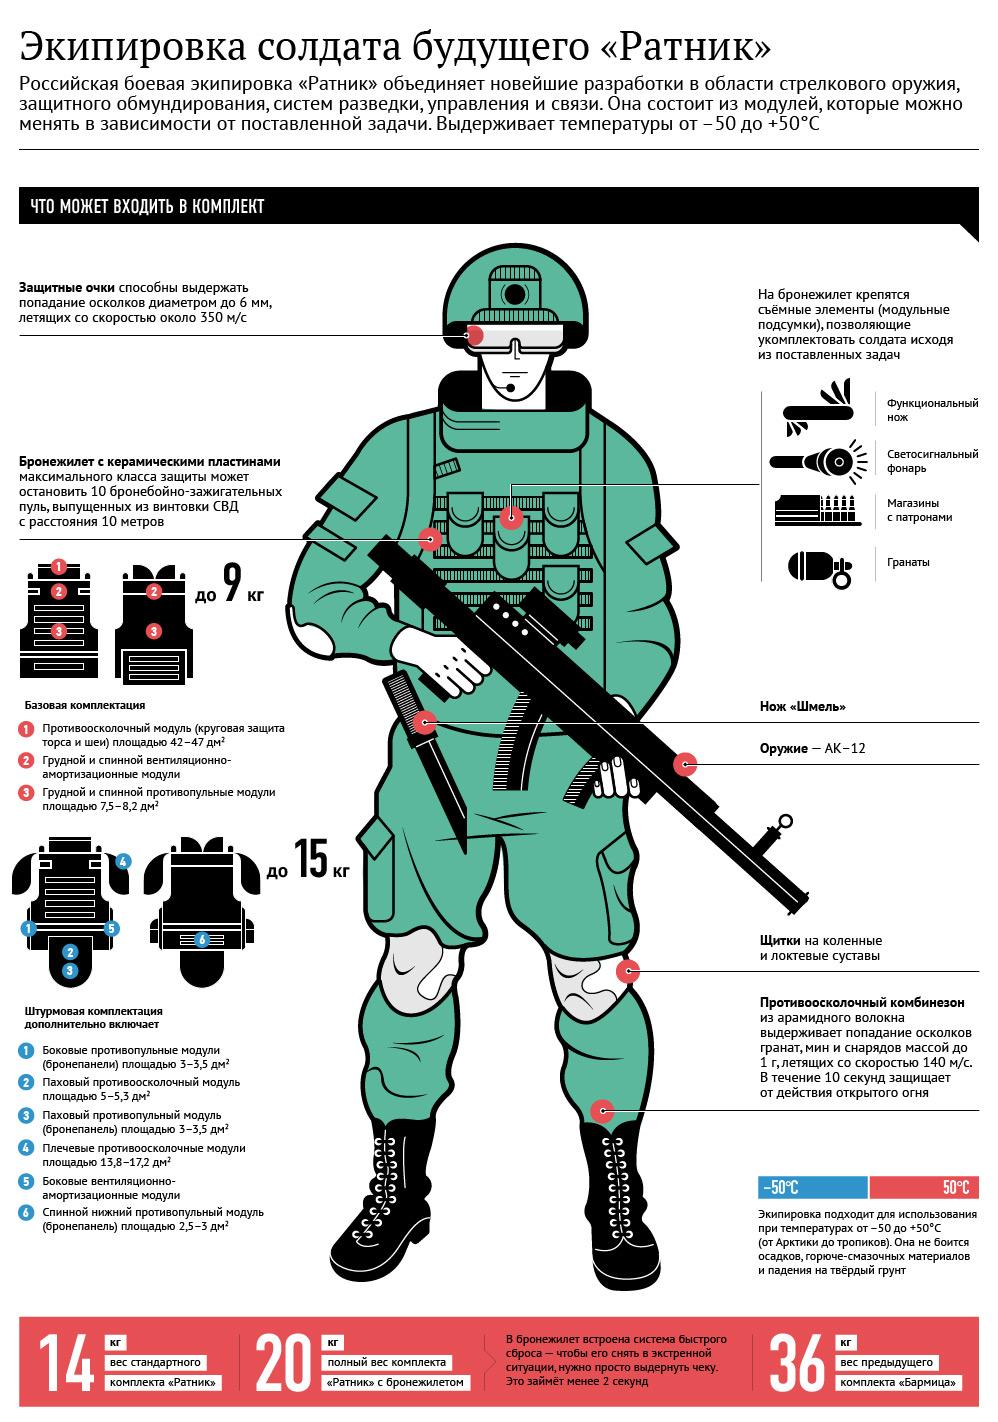 военная экипировка фото